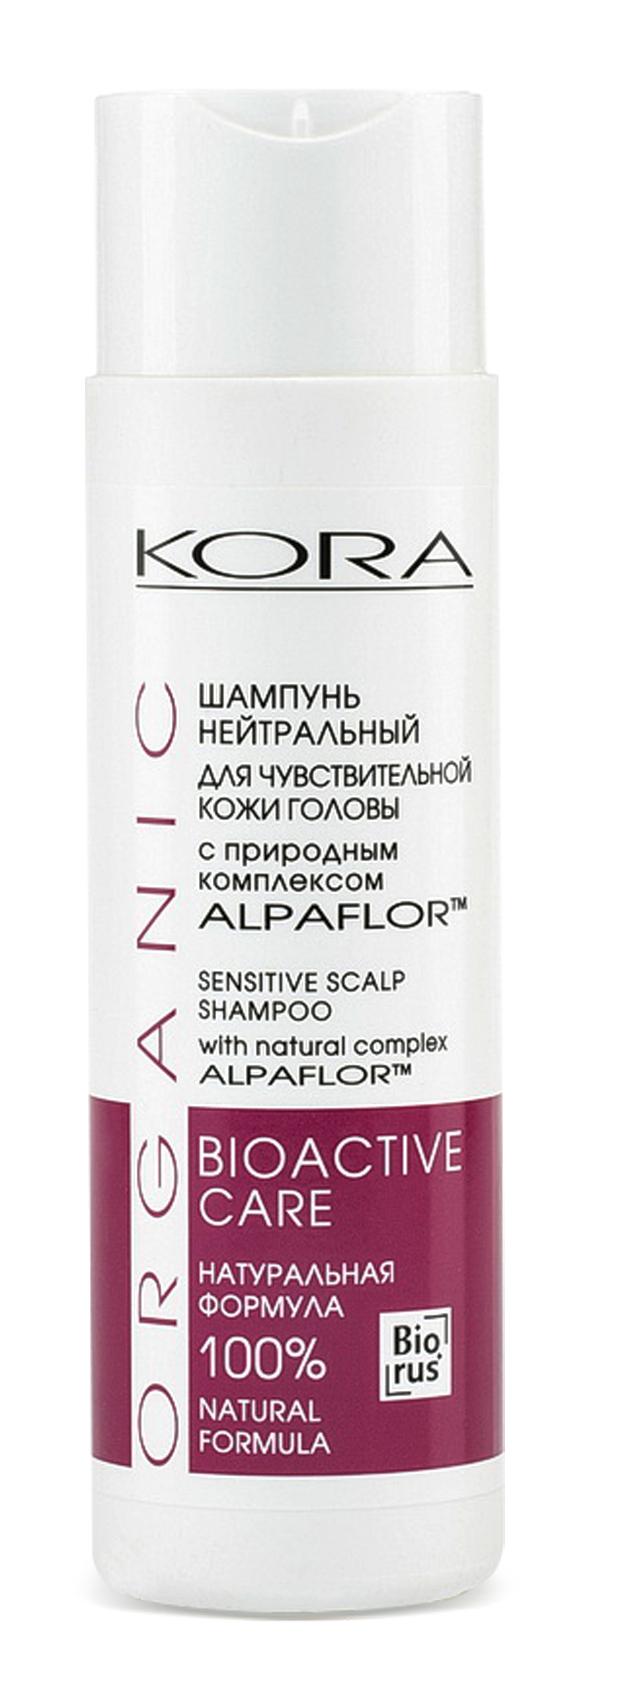 KORA Шампунь нейтральный для чувствительной кожи головы с природным комплексом Alpaflor 250мл